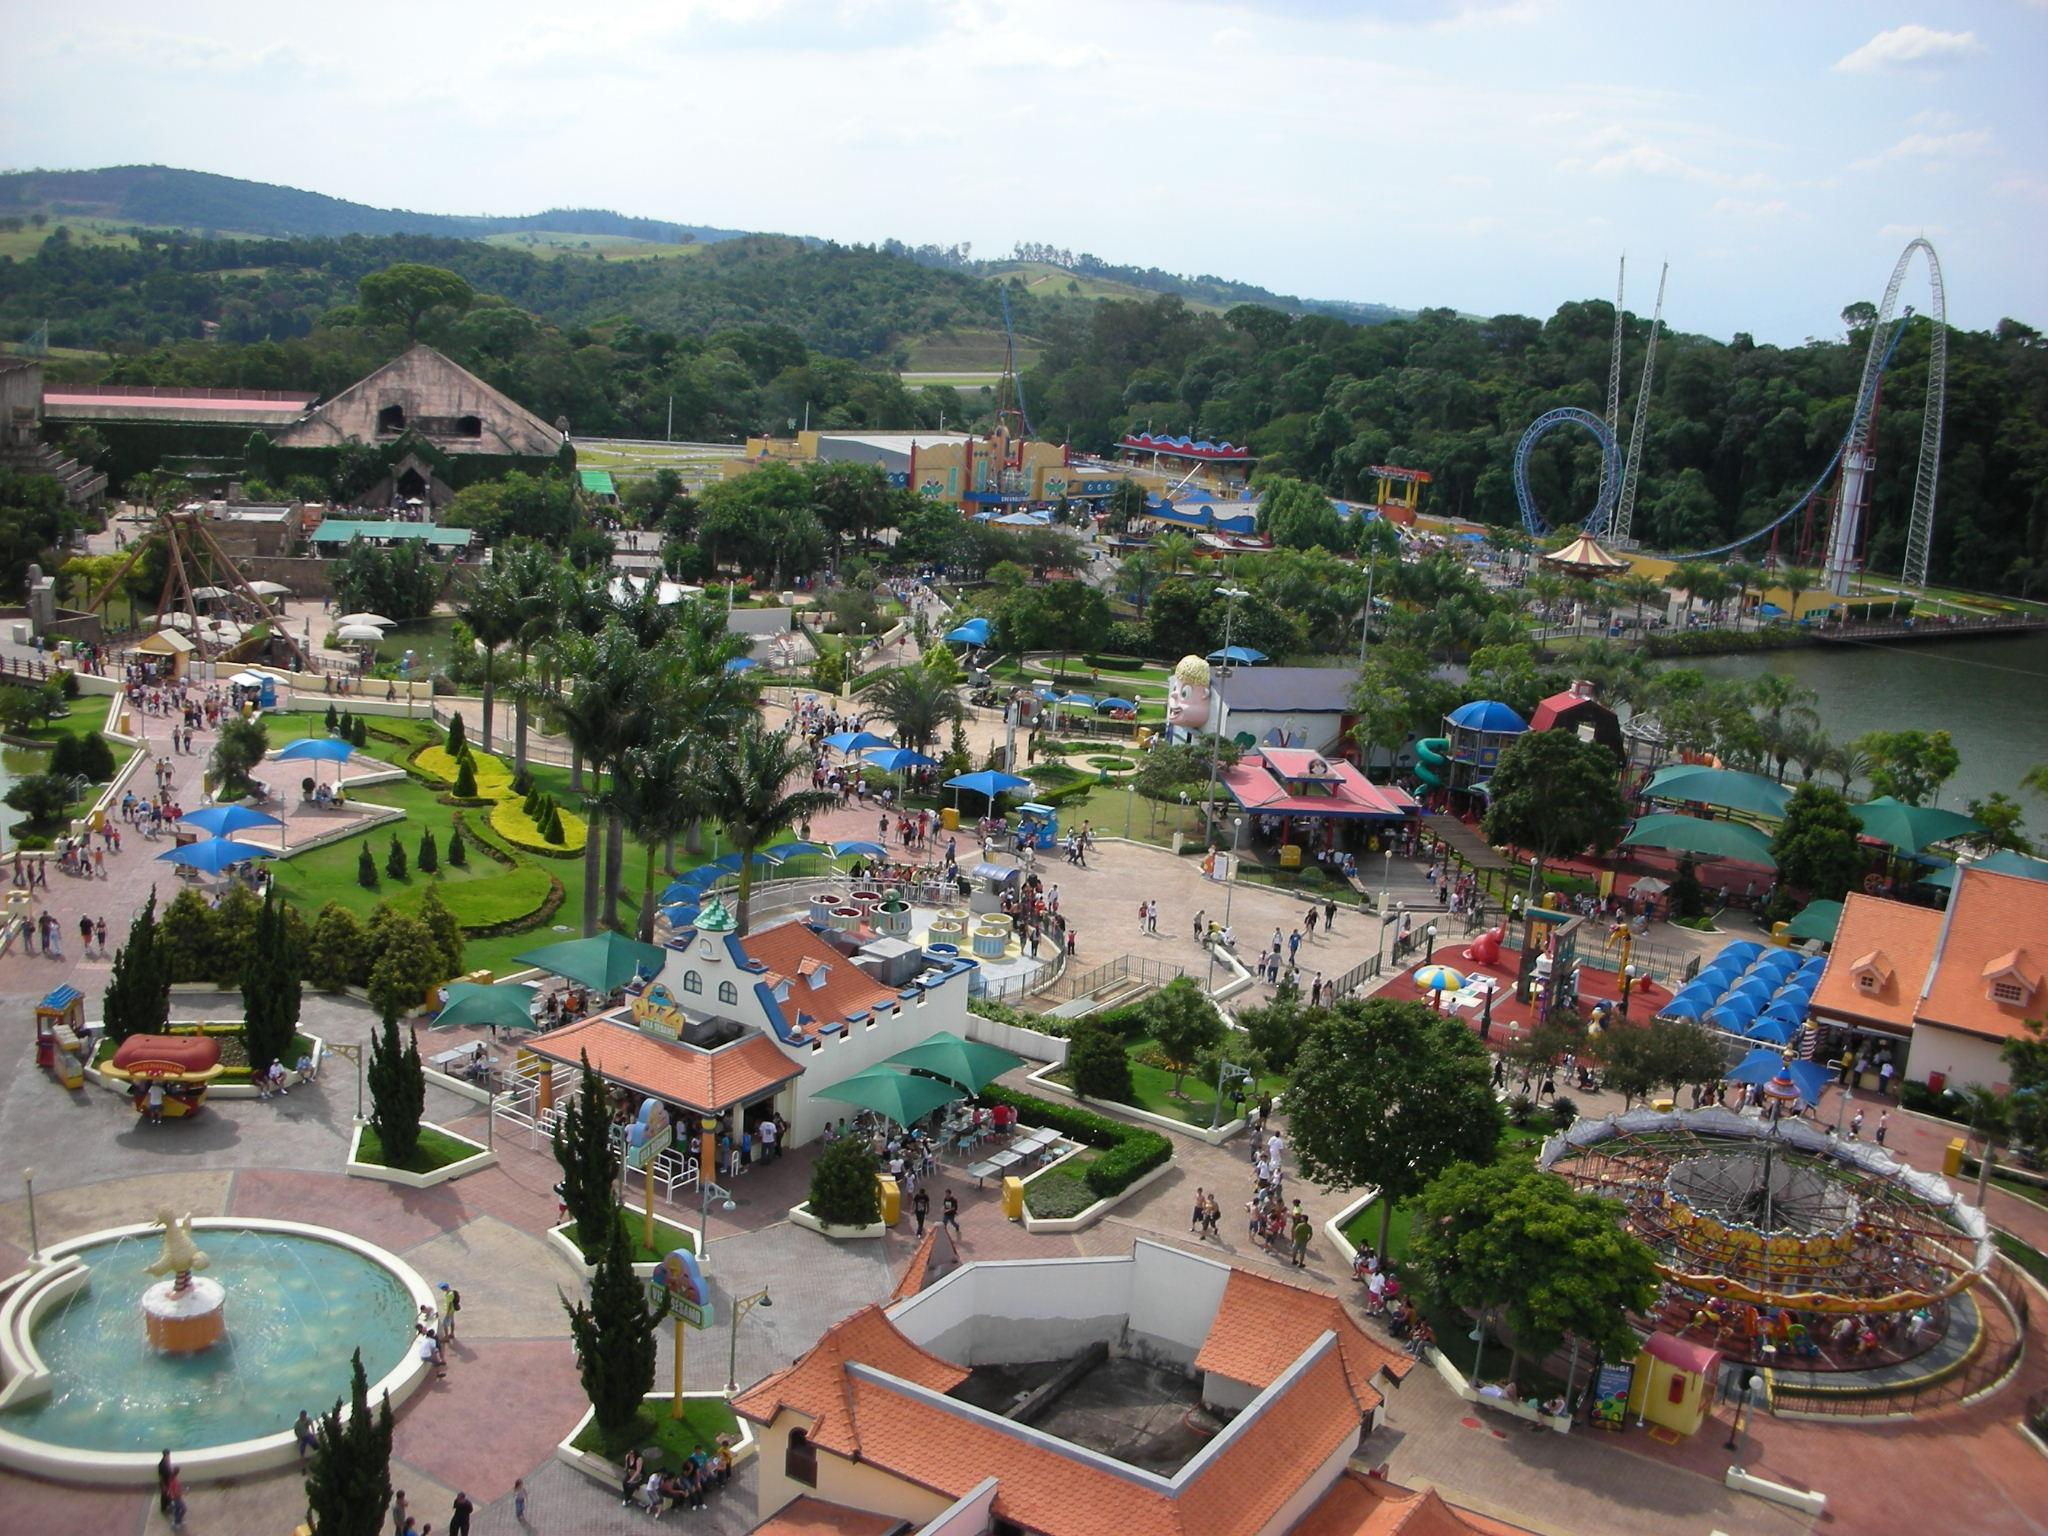 Amusement Park Hotel